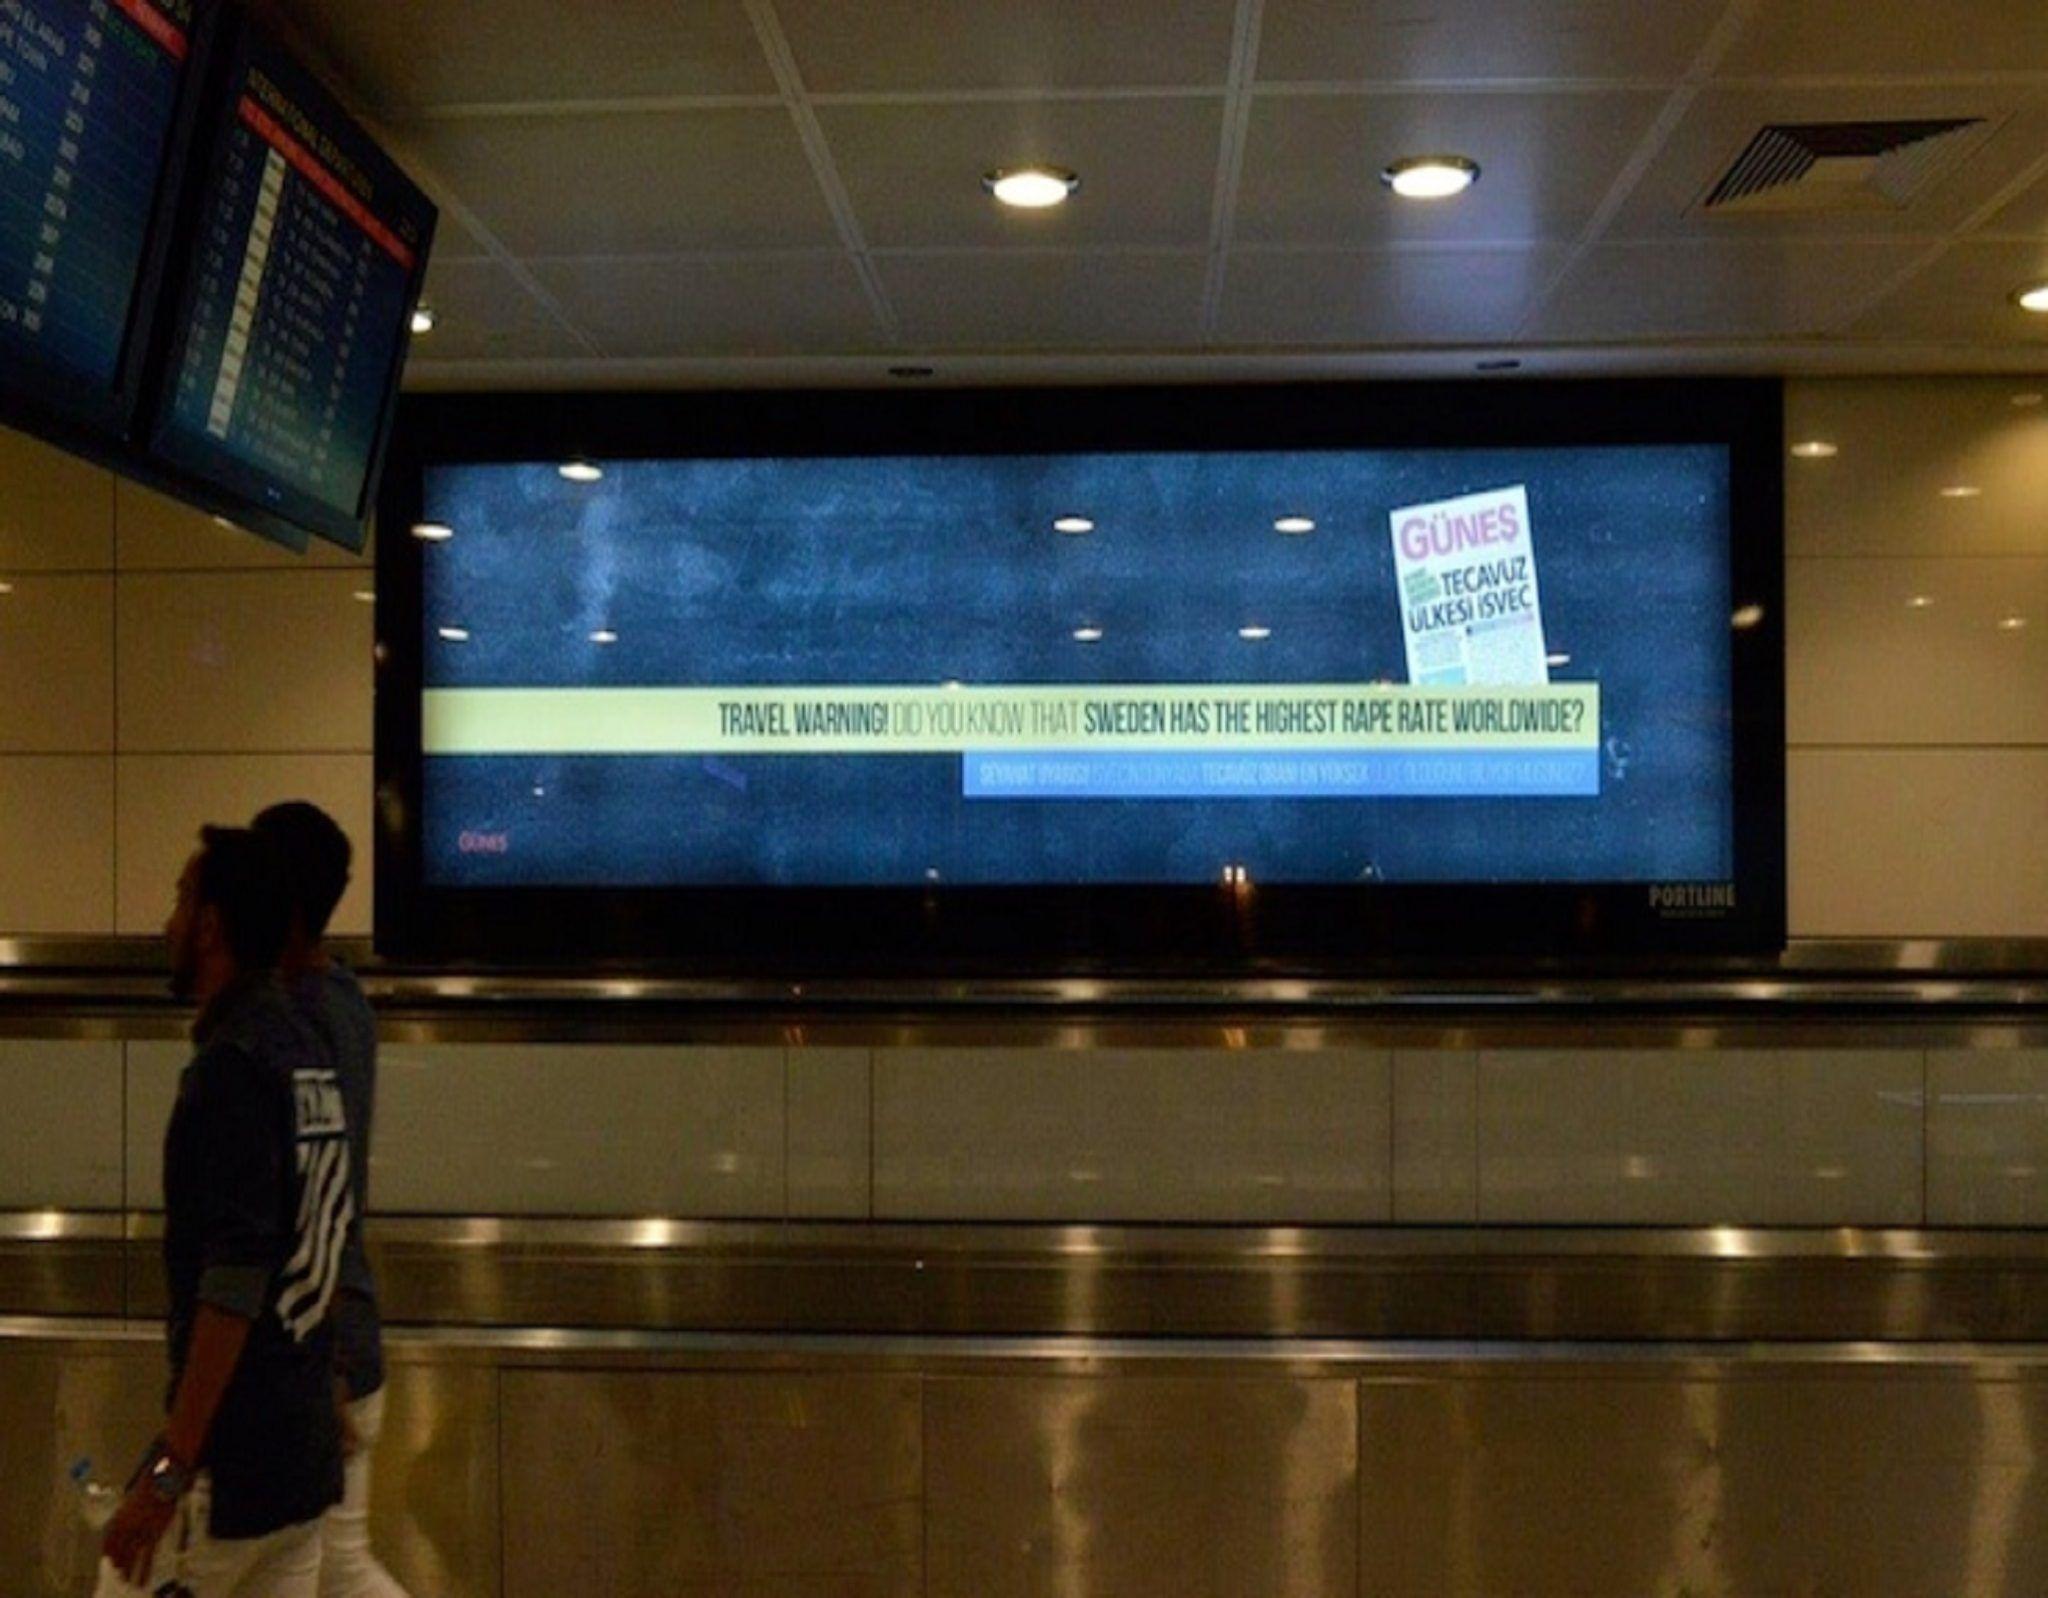 İsveç'e misilleme: Atatürk Havalimanı'ndaki panolarda ' tevacüz uyarısı' yazısı